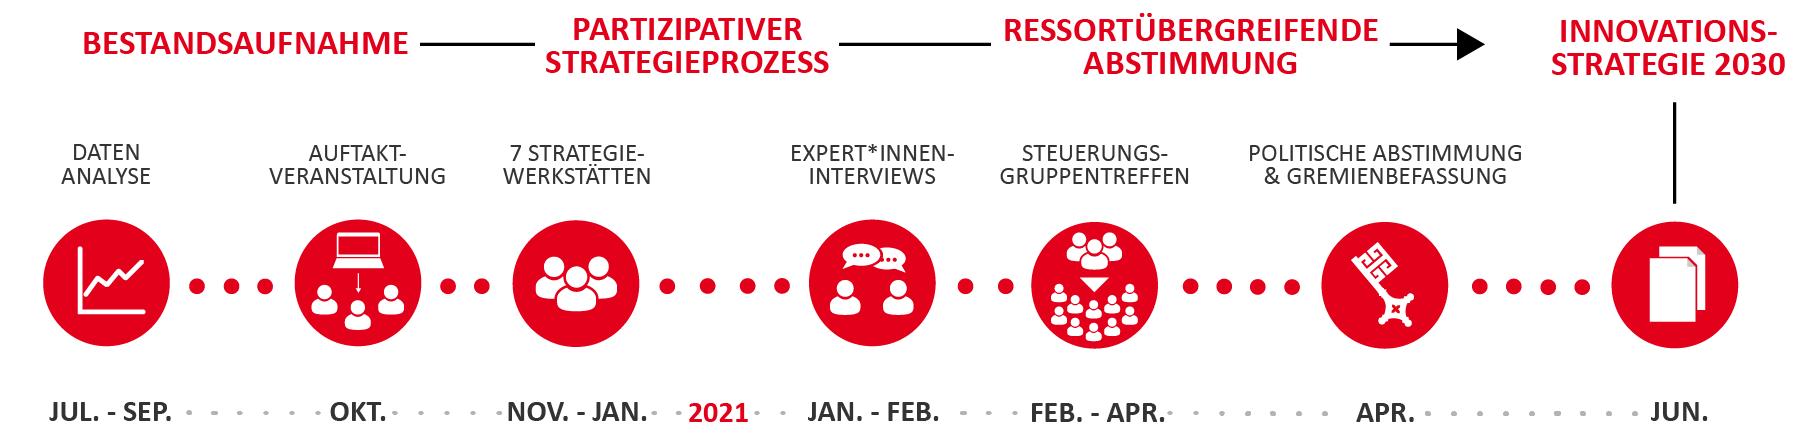 Der zeitliche Ablauf der Innovationsstrategie 2030.